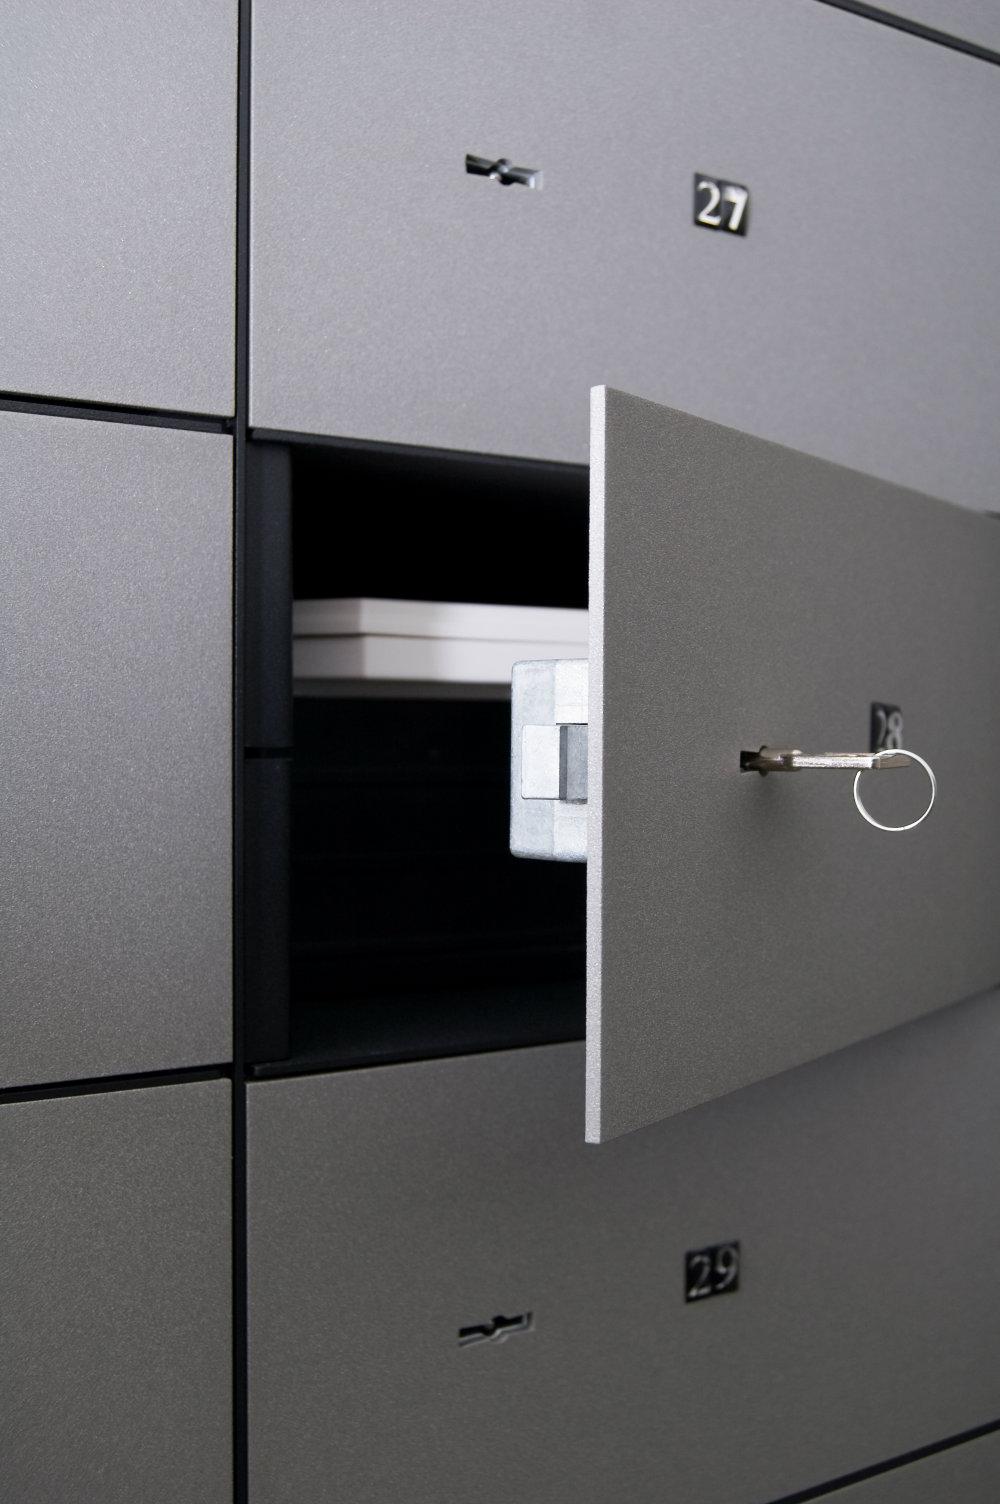 storagesidebar